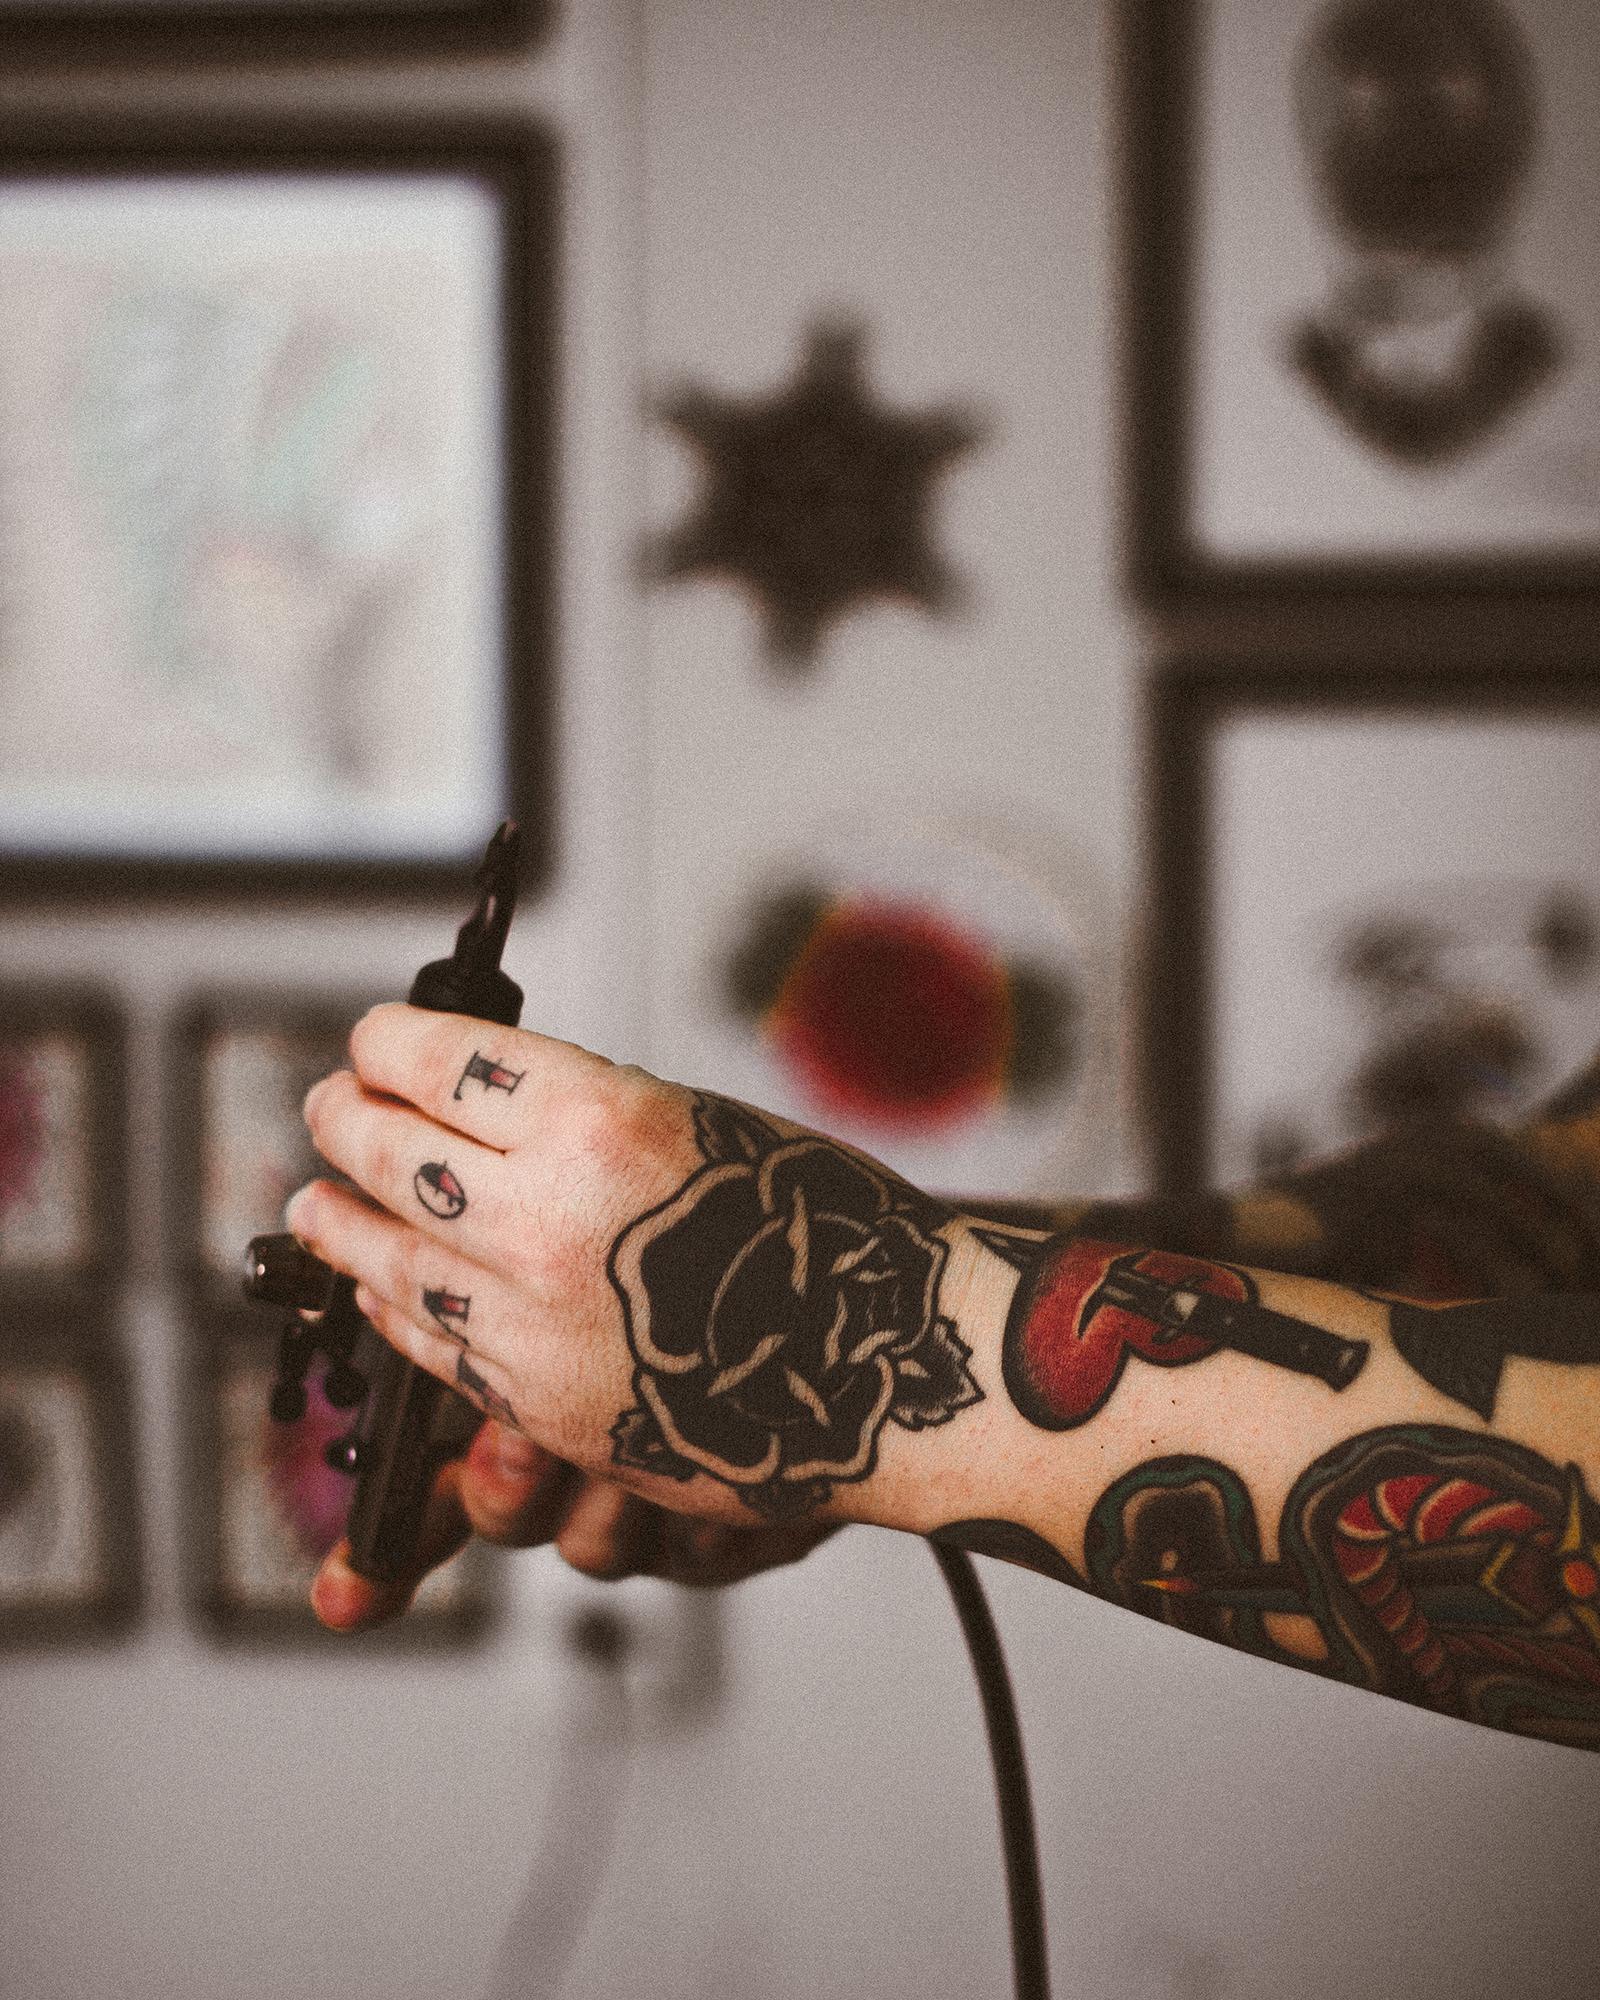 Usuwanie Tatuażu Co Warto Wiedzieć Alabasterfoxpl